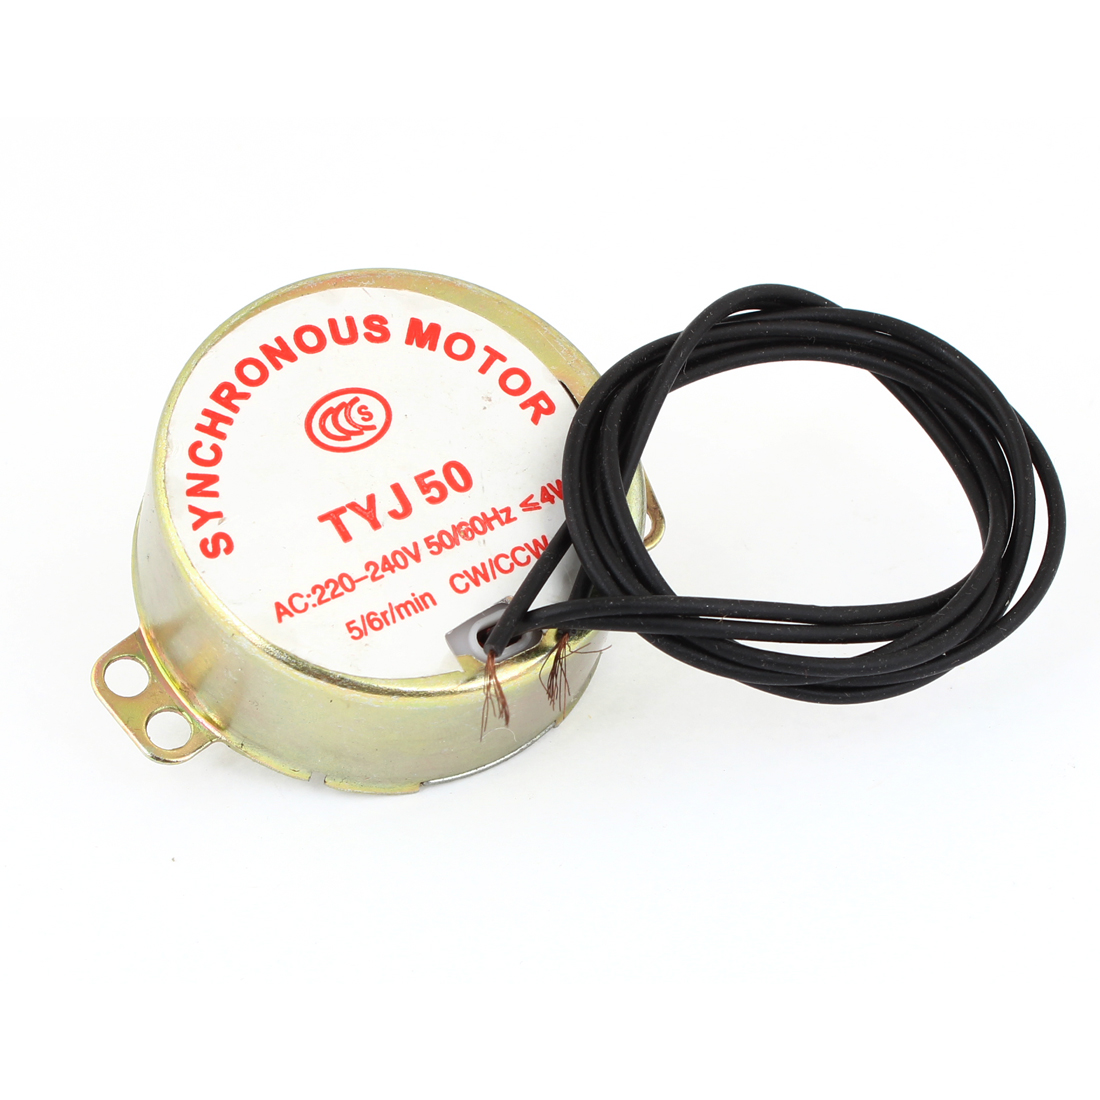 AC 220V-240V 5/6RPM 4W 50/60Hz CW/CCW 7mm Shaft Dia Fan Synchronous Motor